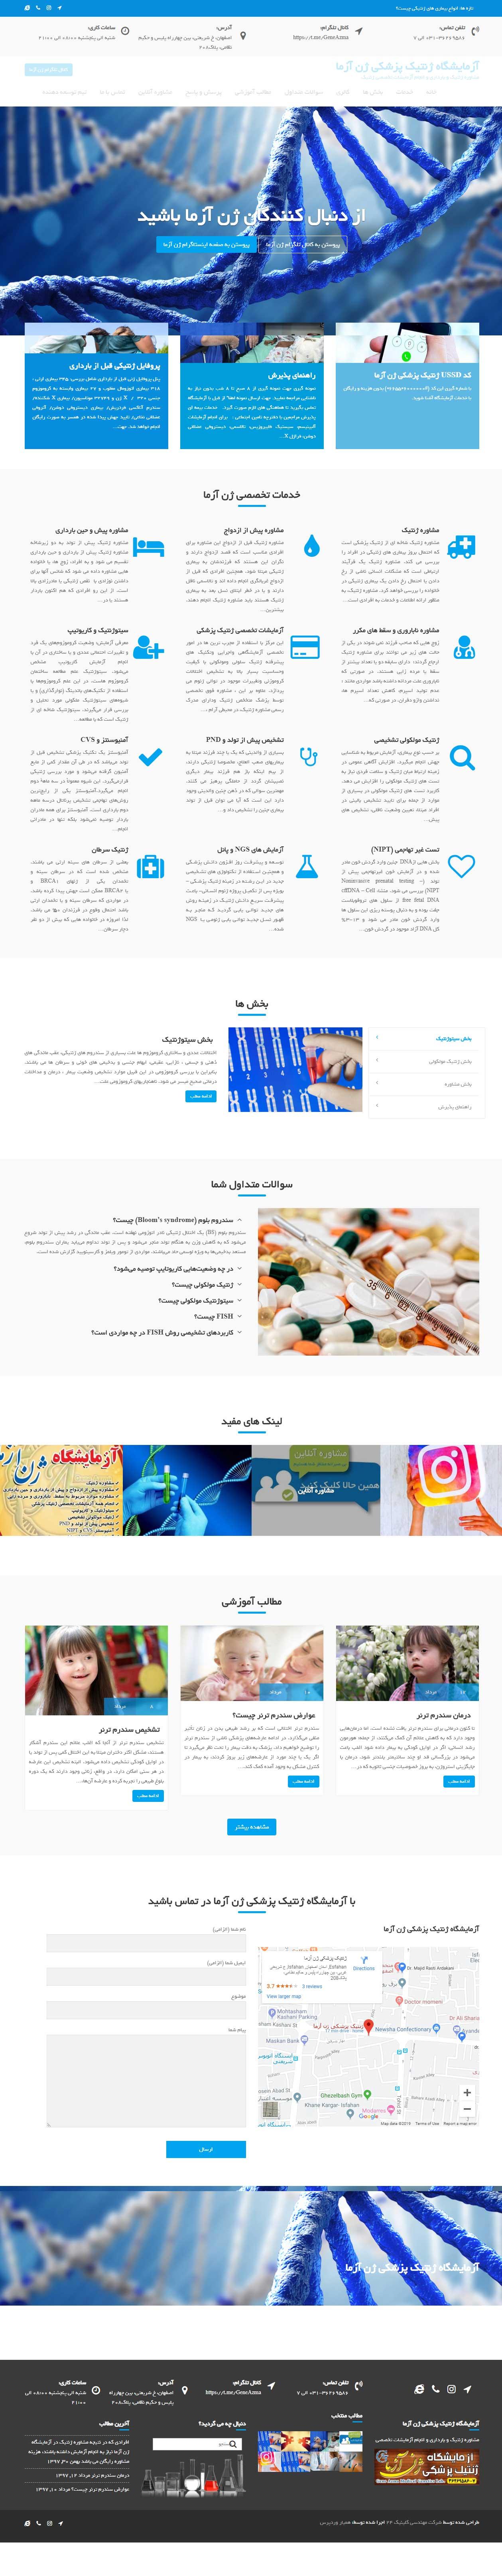 طراحی سایت آزمایشگاه ژنتیک